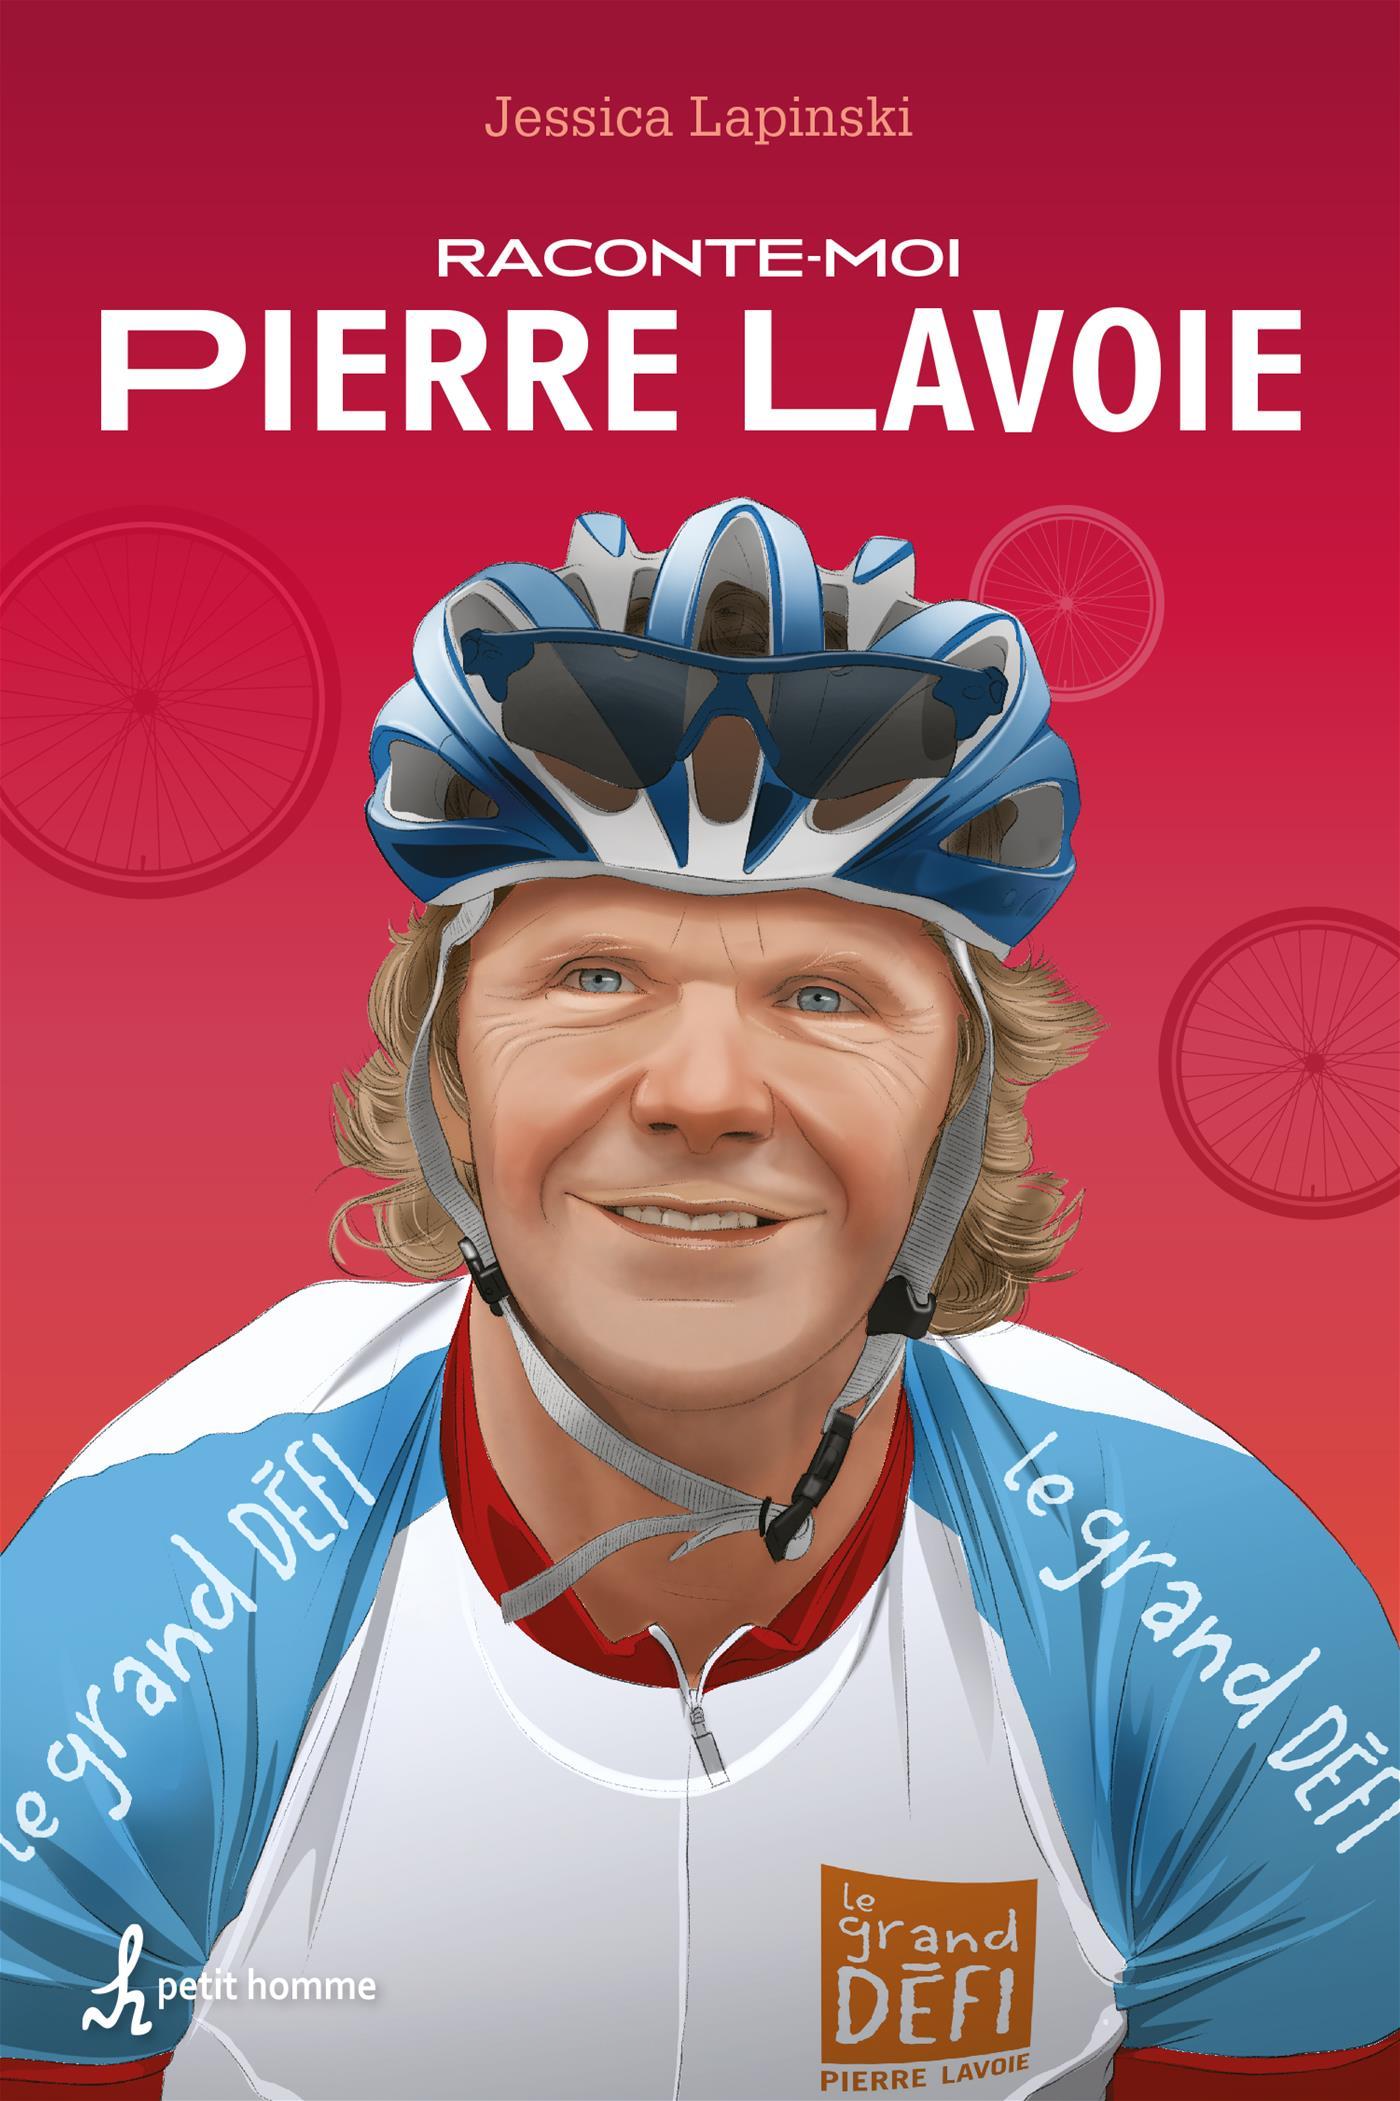 Raconte-moi Pierre Lavoie - Nº 20